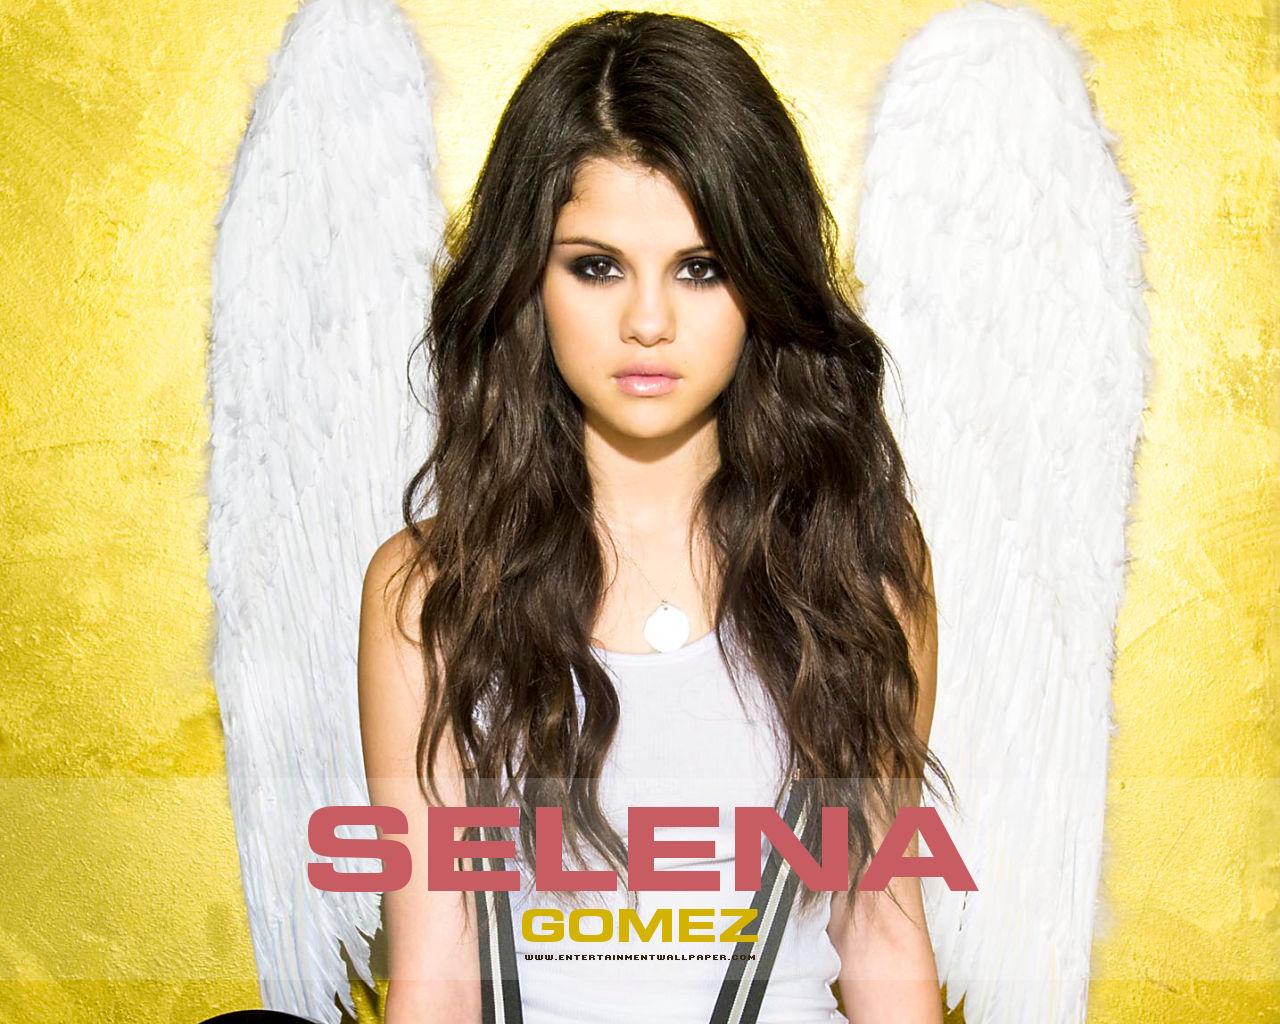 beatiful selena gomez - Selena Gomez Wallpaper (28111021